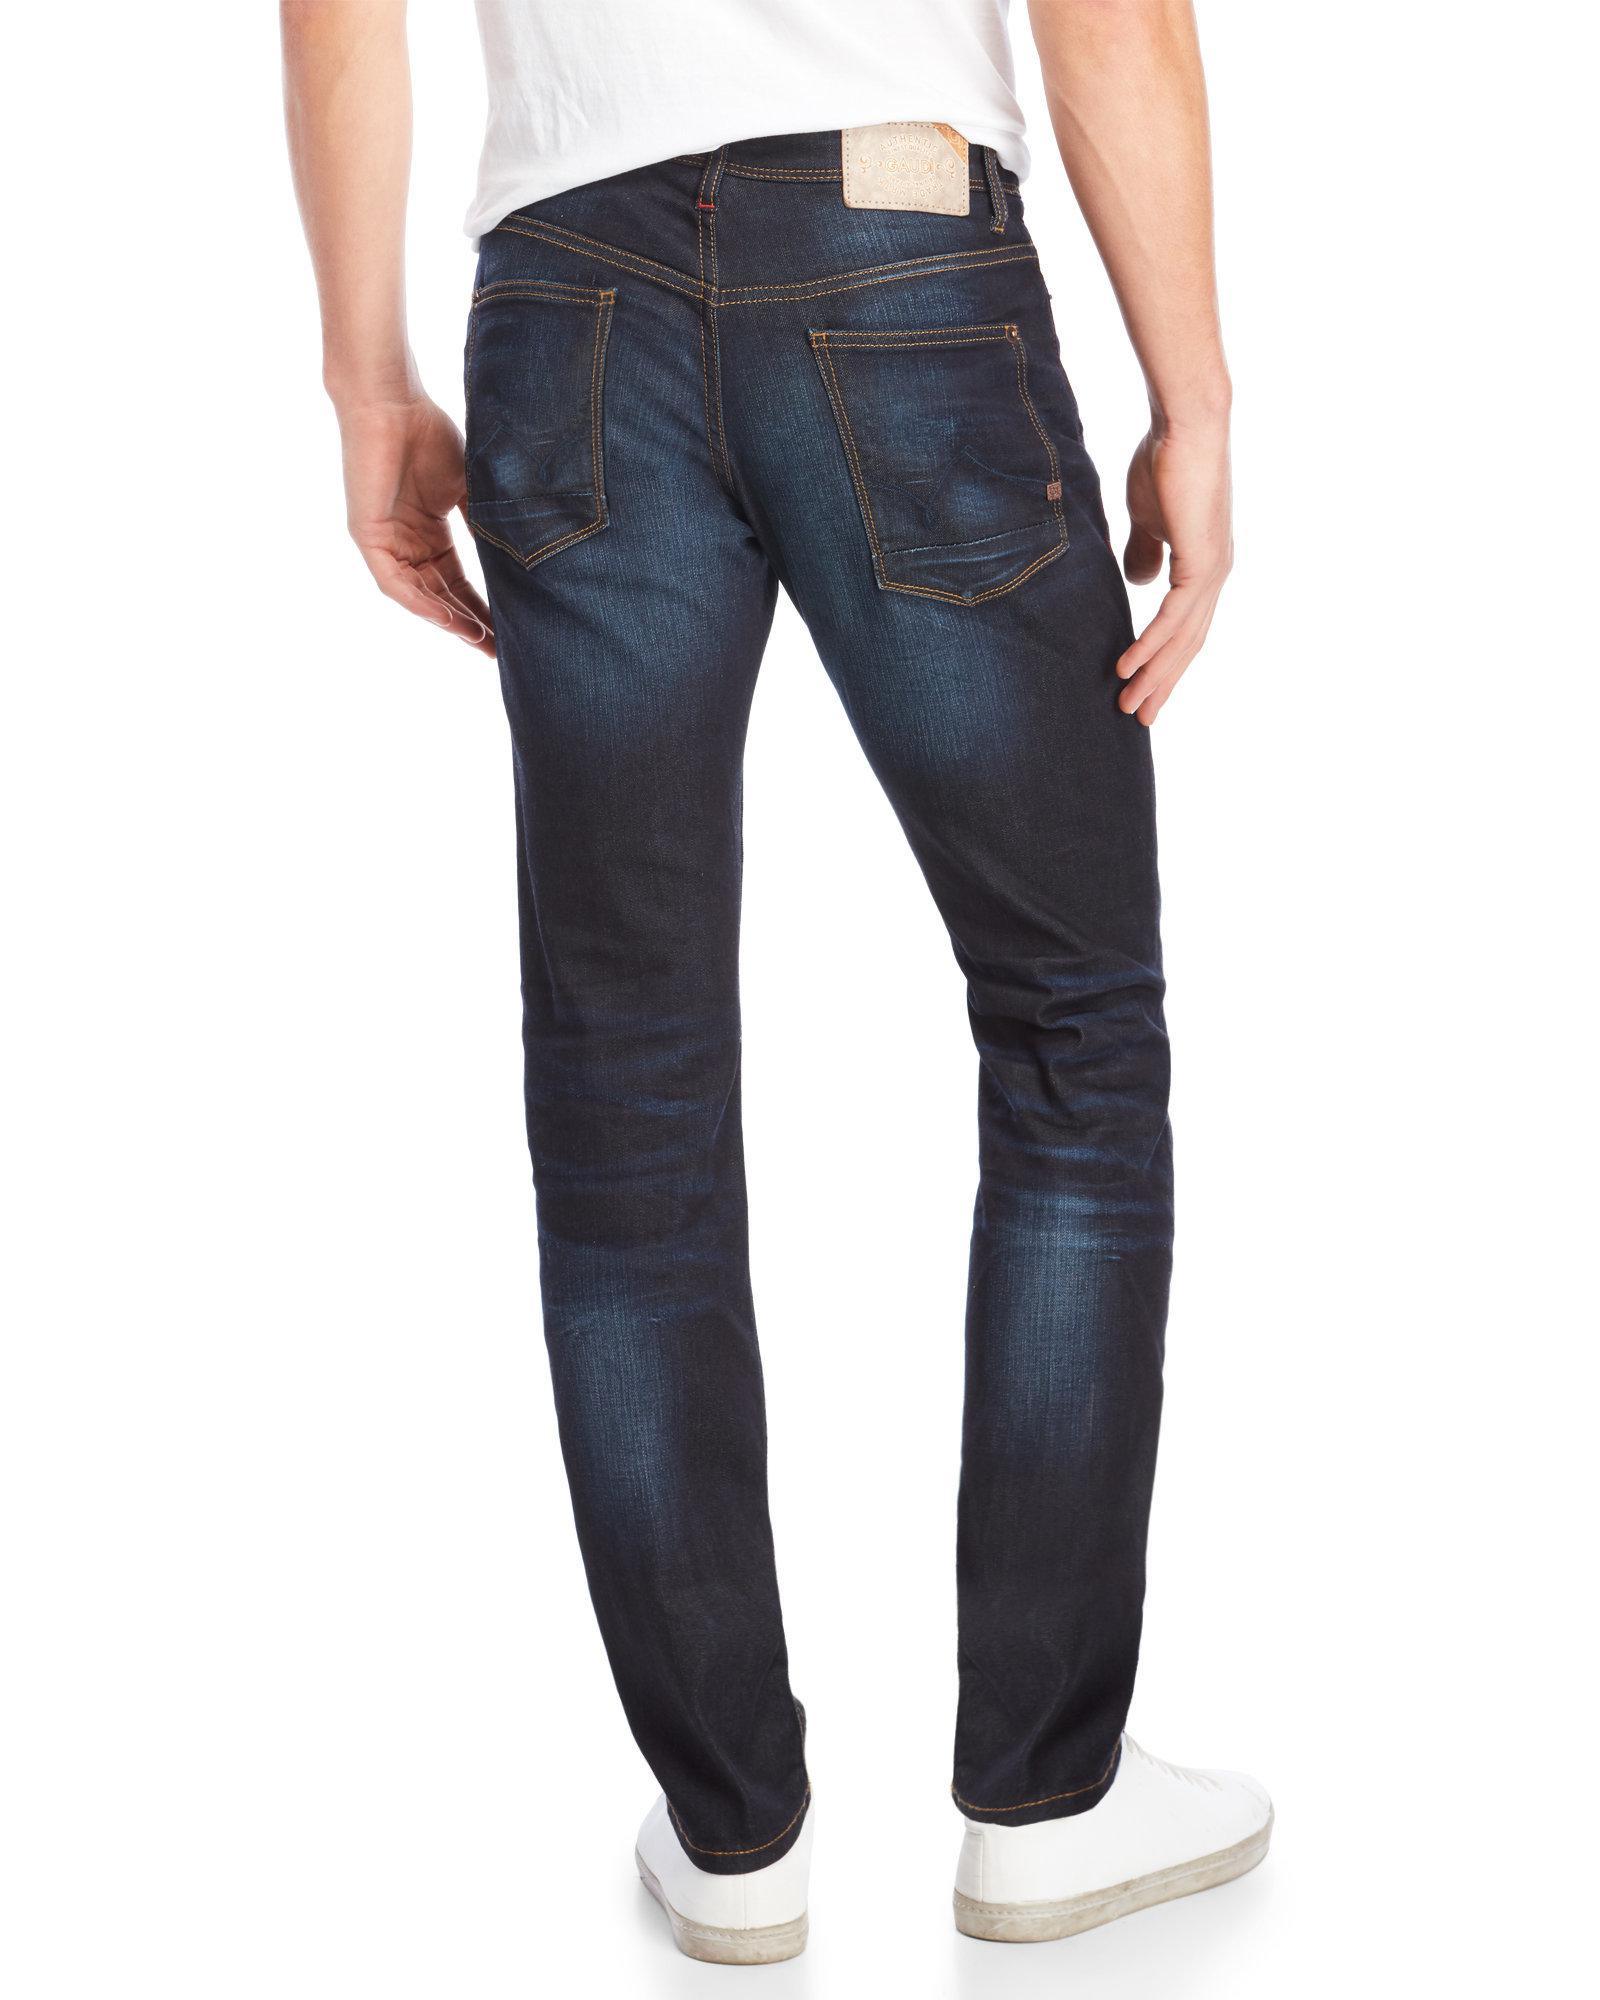 DENIM - Denim trousers Gaudì brqZLmhj